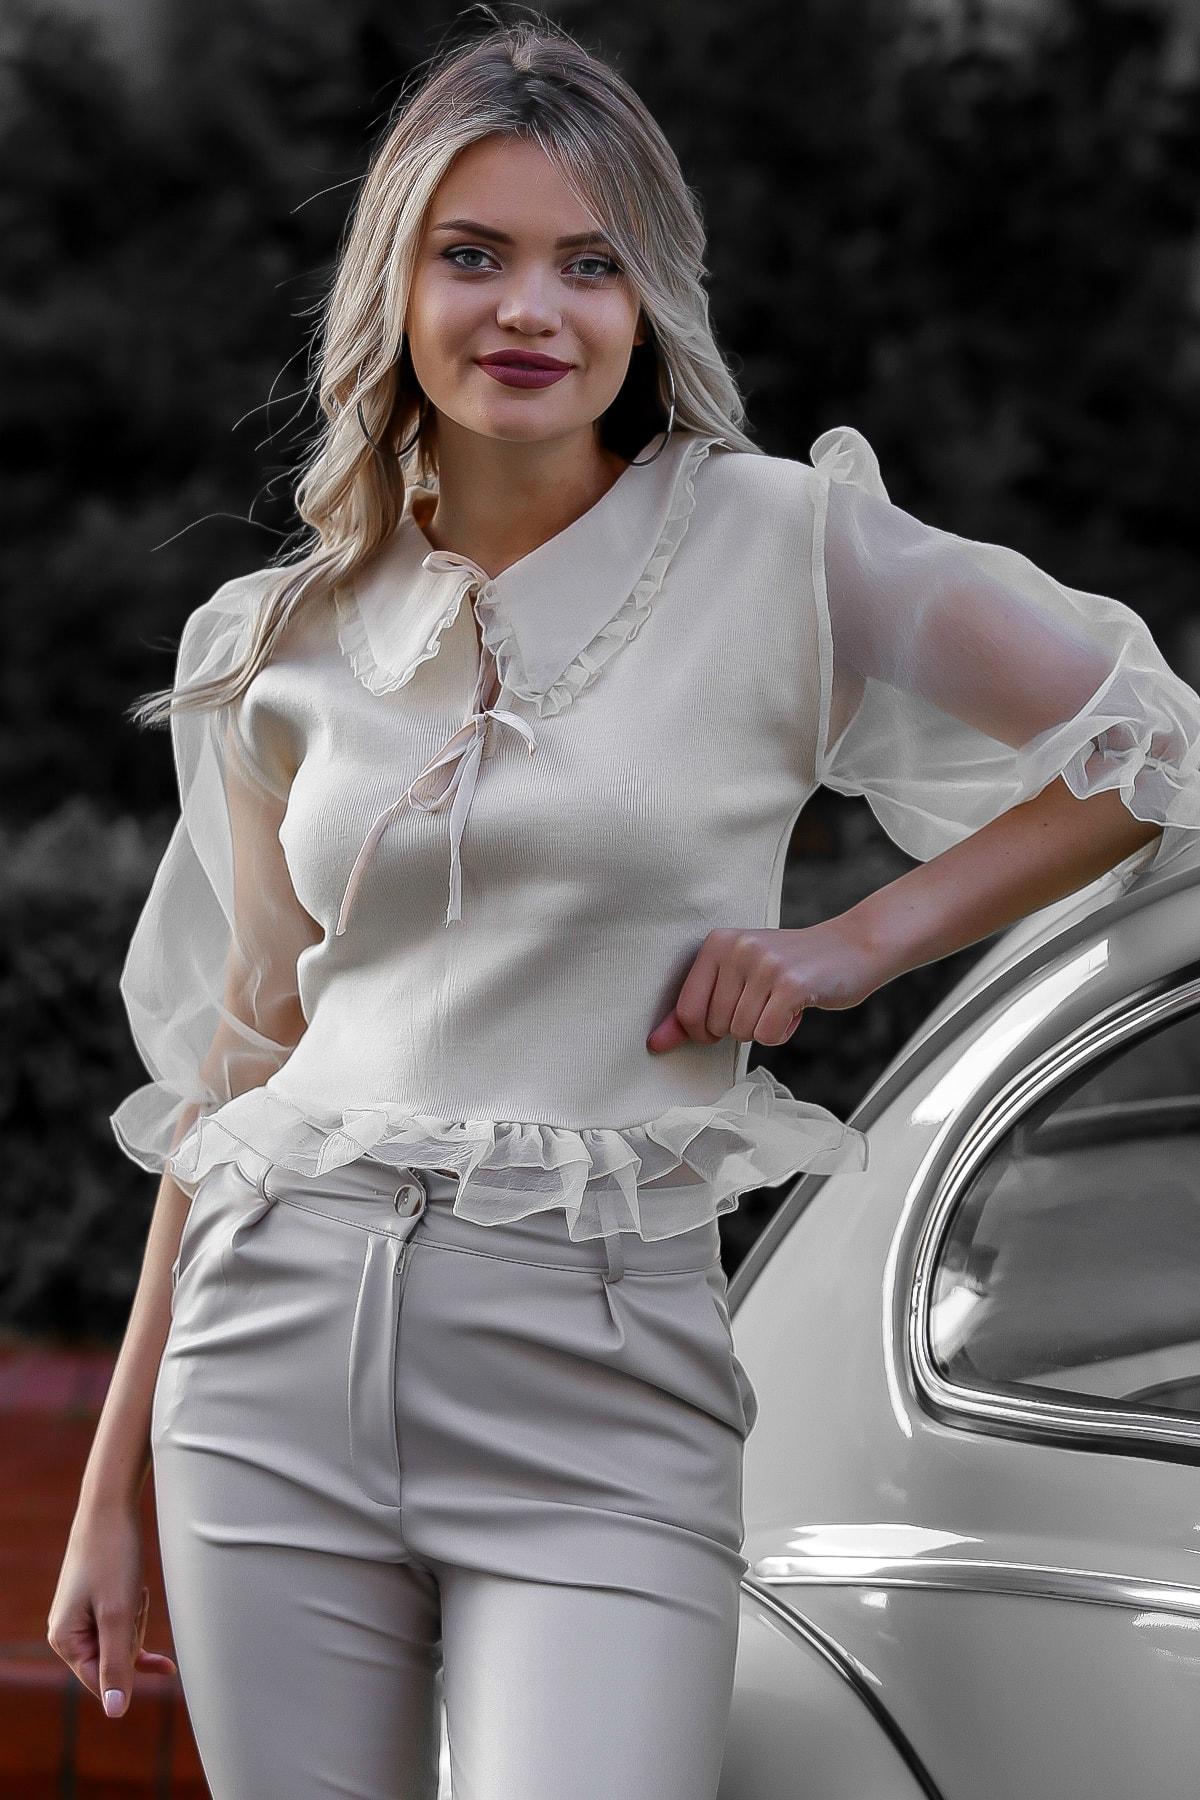 Chiccy Kadın Ekru Organze Yaka Ve Balon Kol Detaylı Bağlamalı Bluz M10010200BL95752